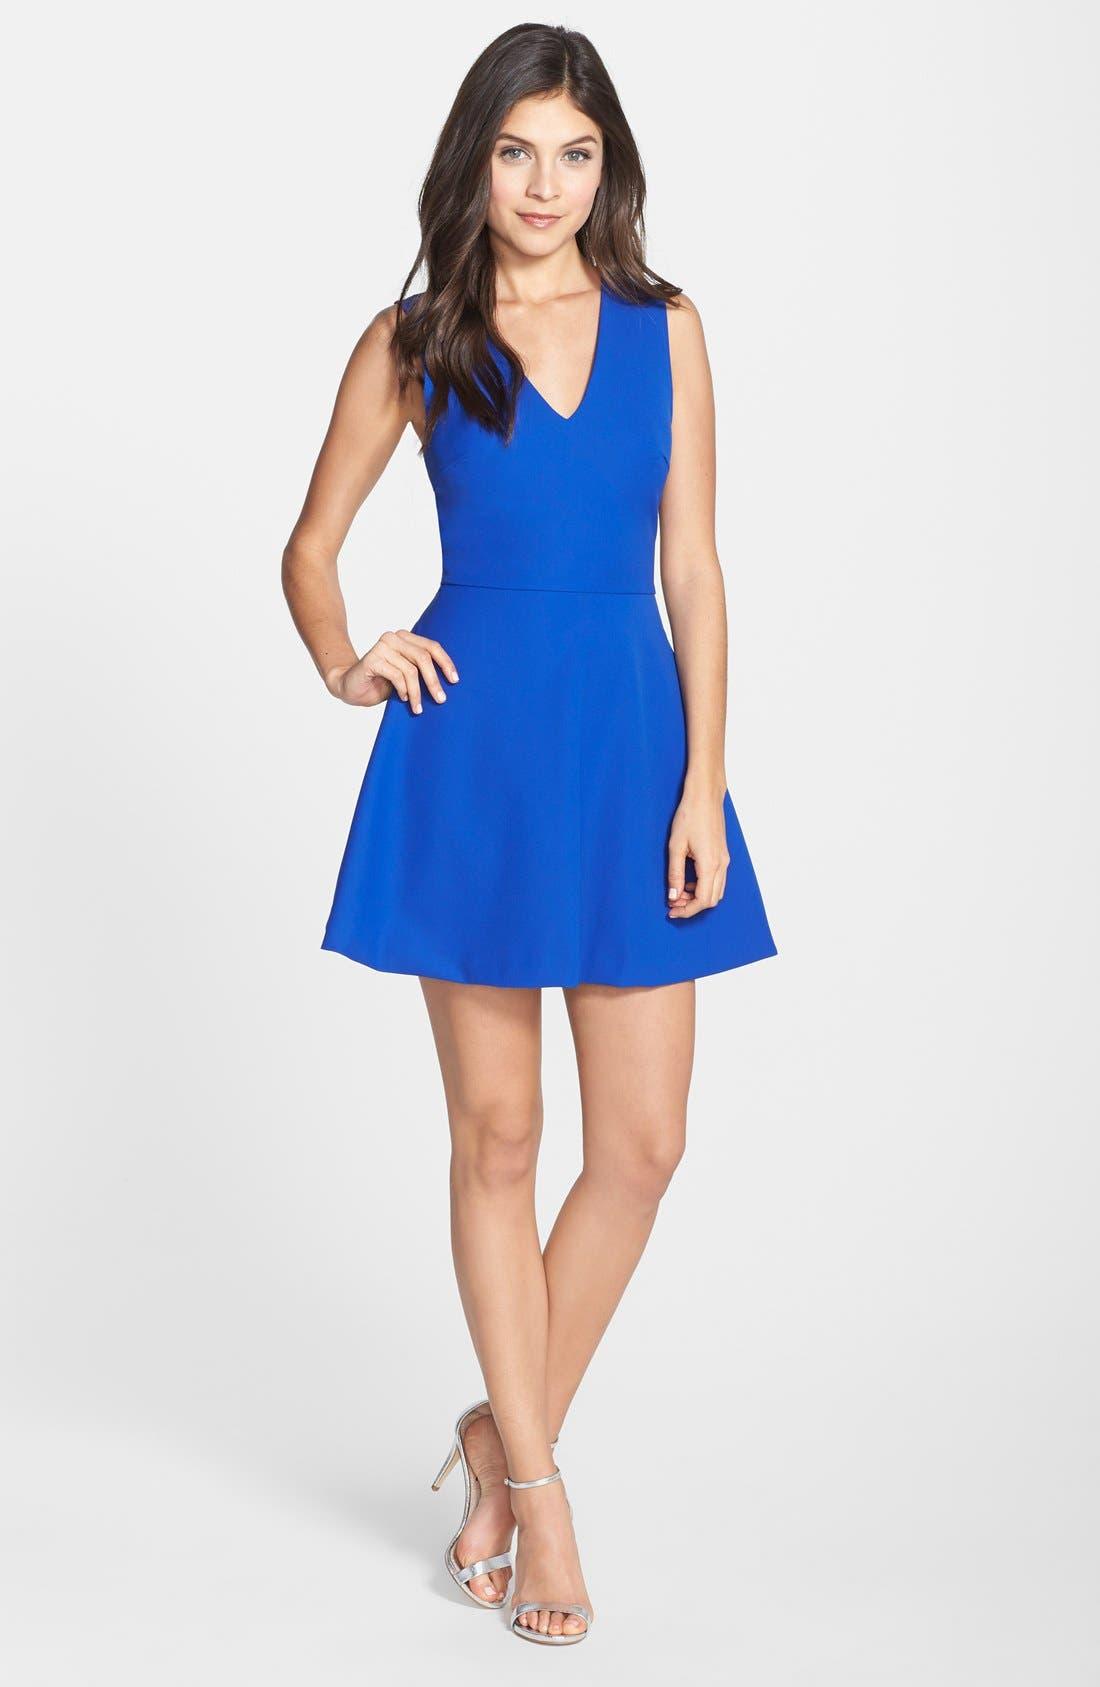 Bianca Back Cutout Fit & Flare Dress,                             Alternate thumbnail 11, color,                             COBALT